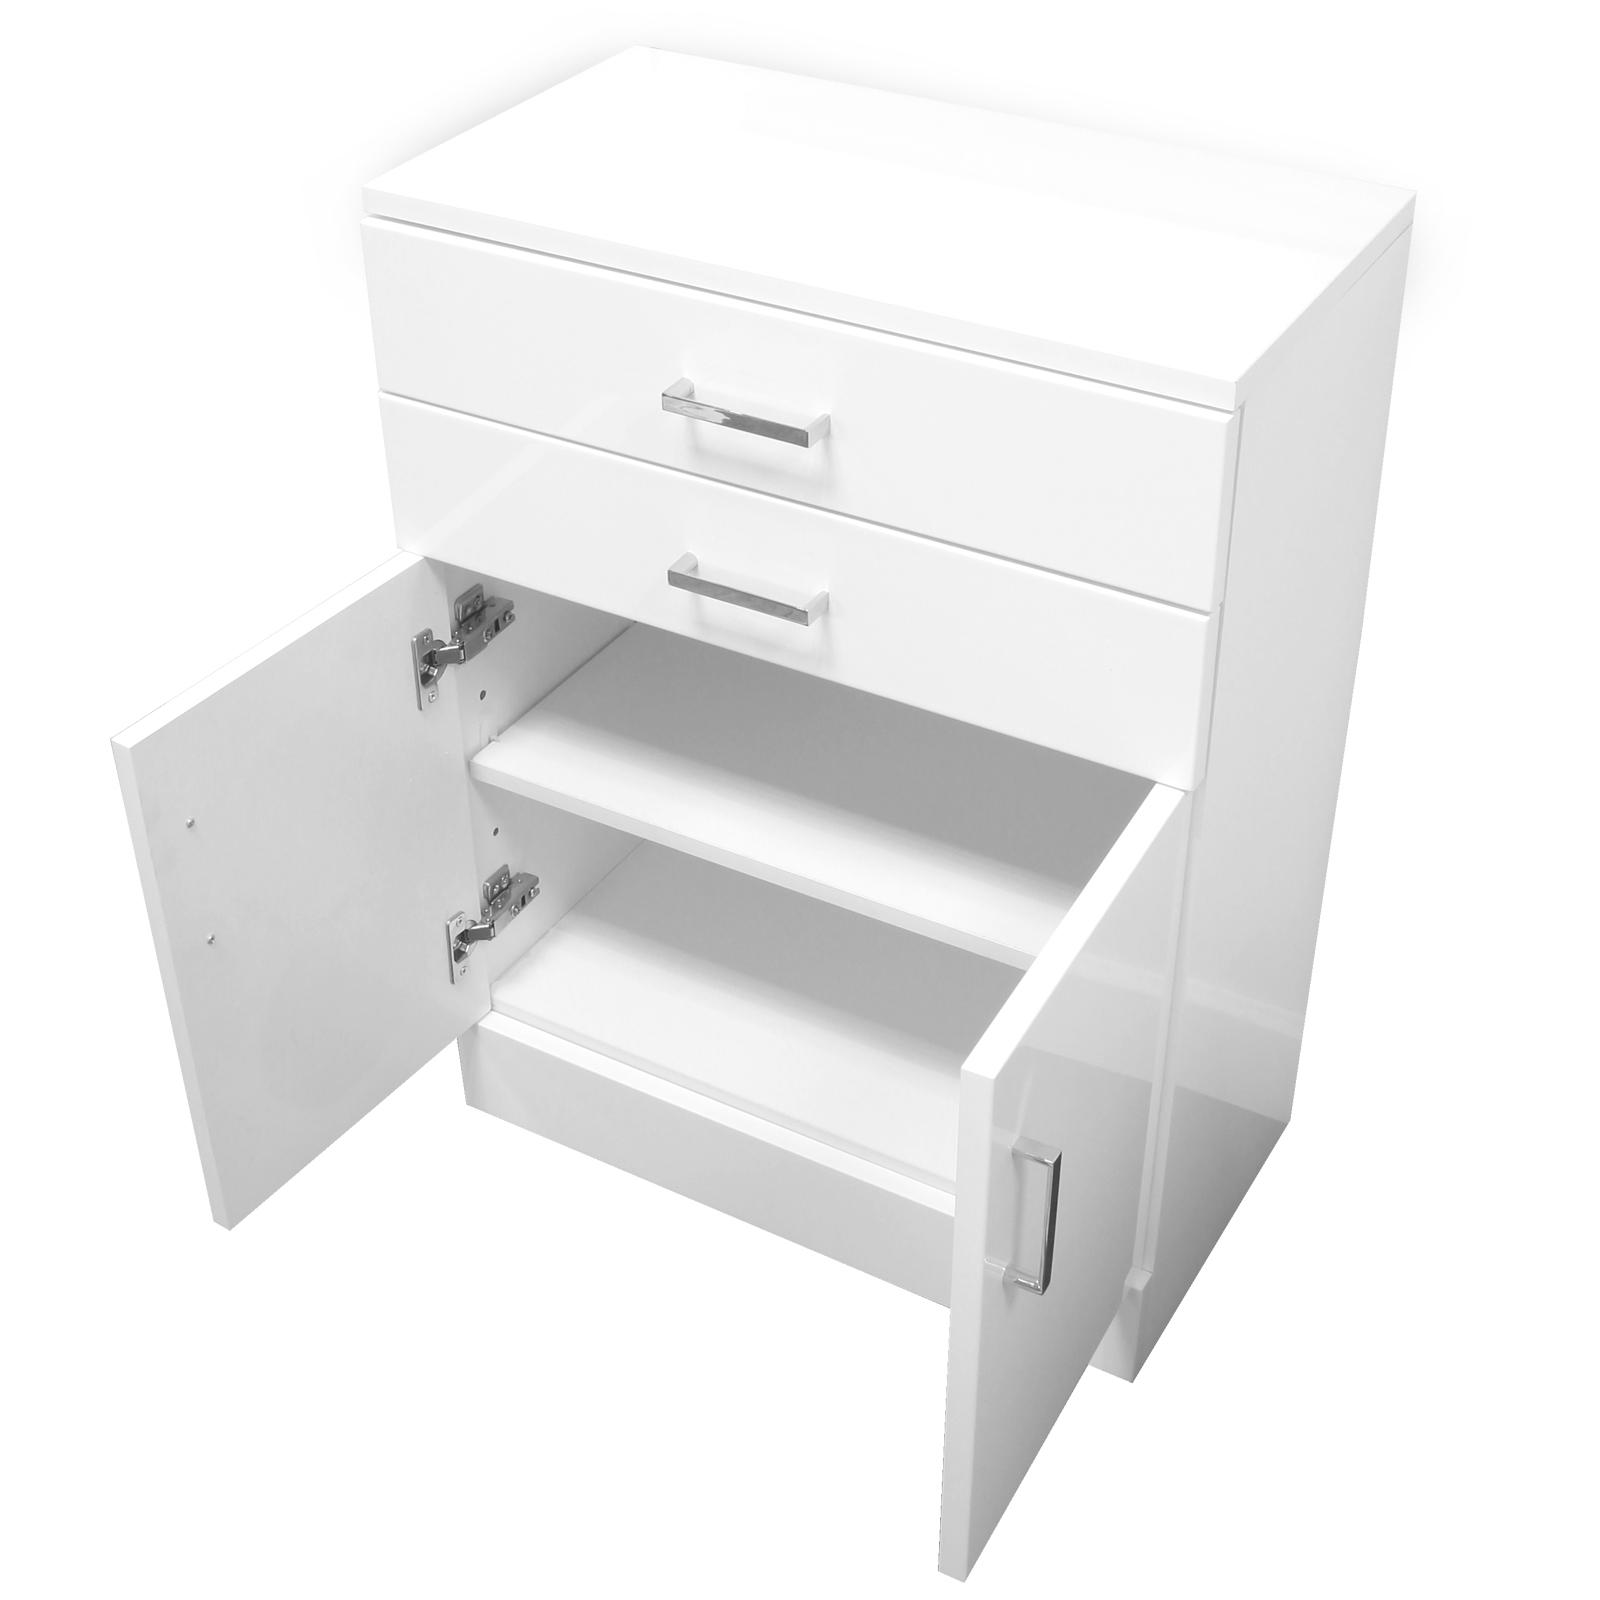 High Gloss White To Floor, Argos Home Gloss Bathroom Floor Cabinet White